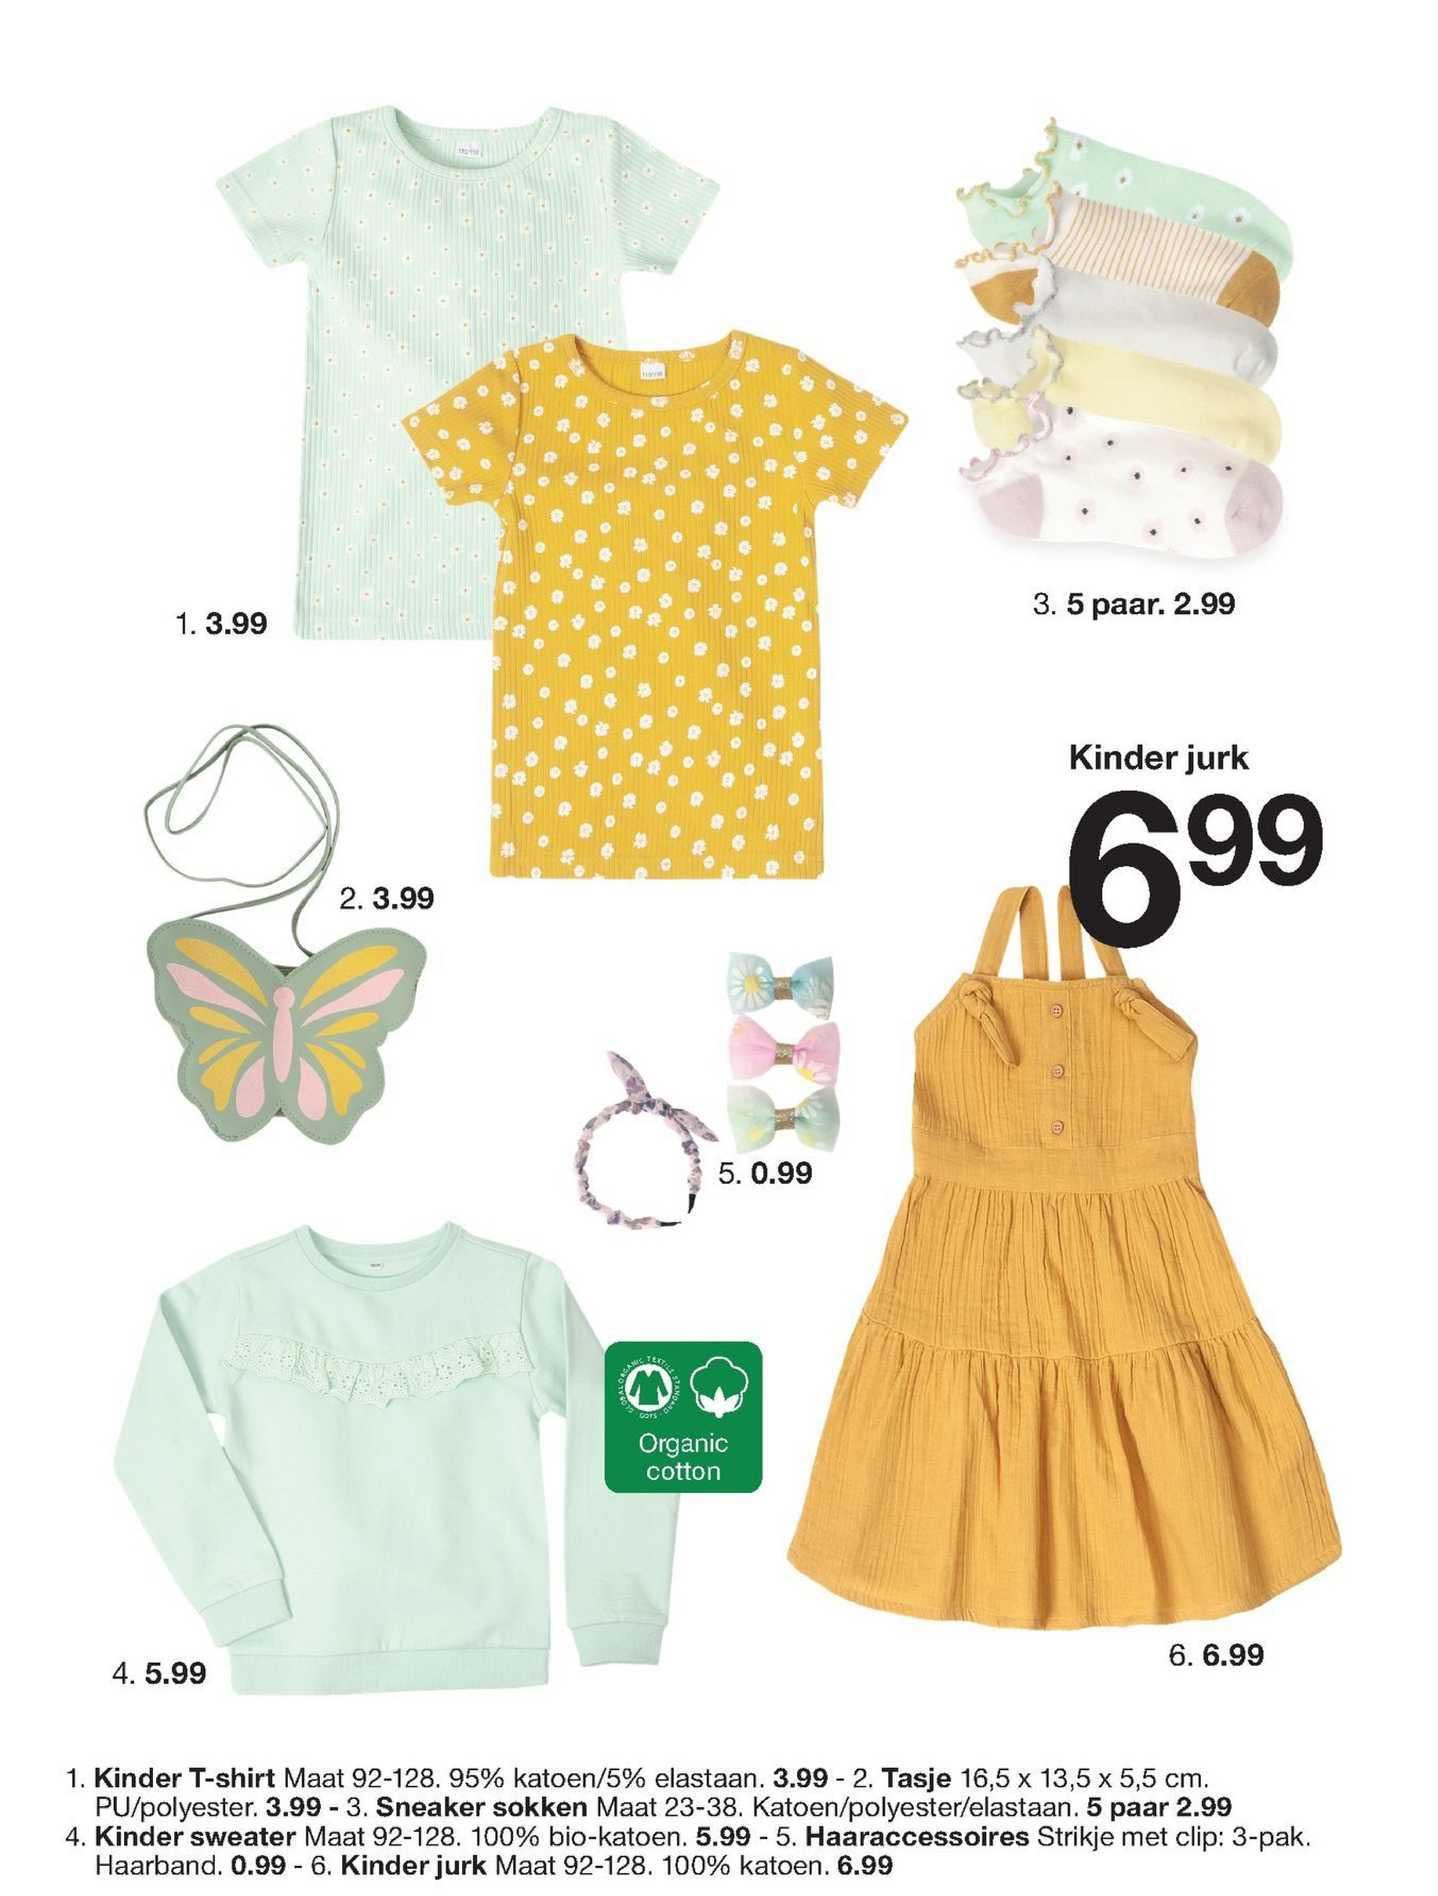 Zeeman Kinder T-Shirt, Tasje, Sneaker Sokken, Kinder Sweater, Haaraccessoires Of Kinder Jurk